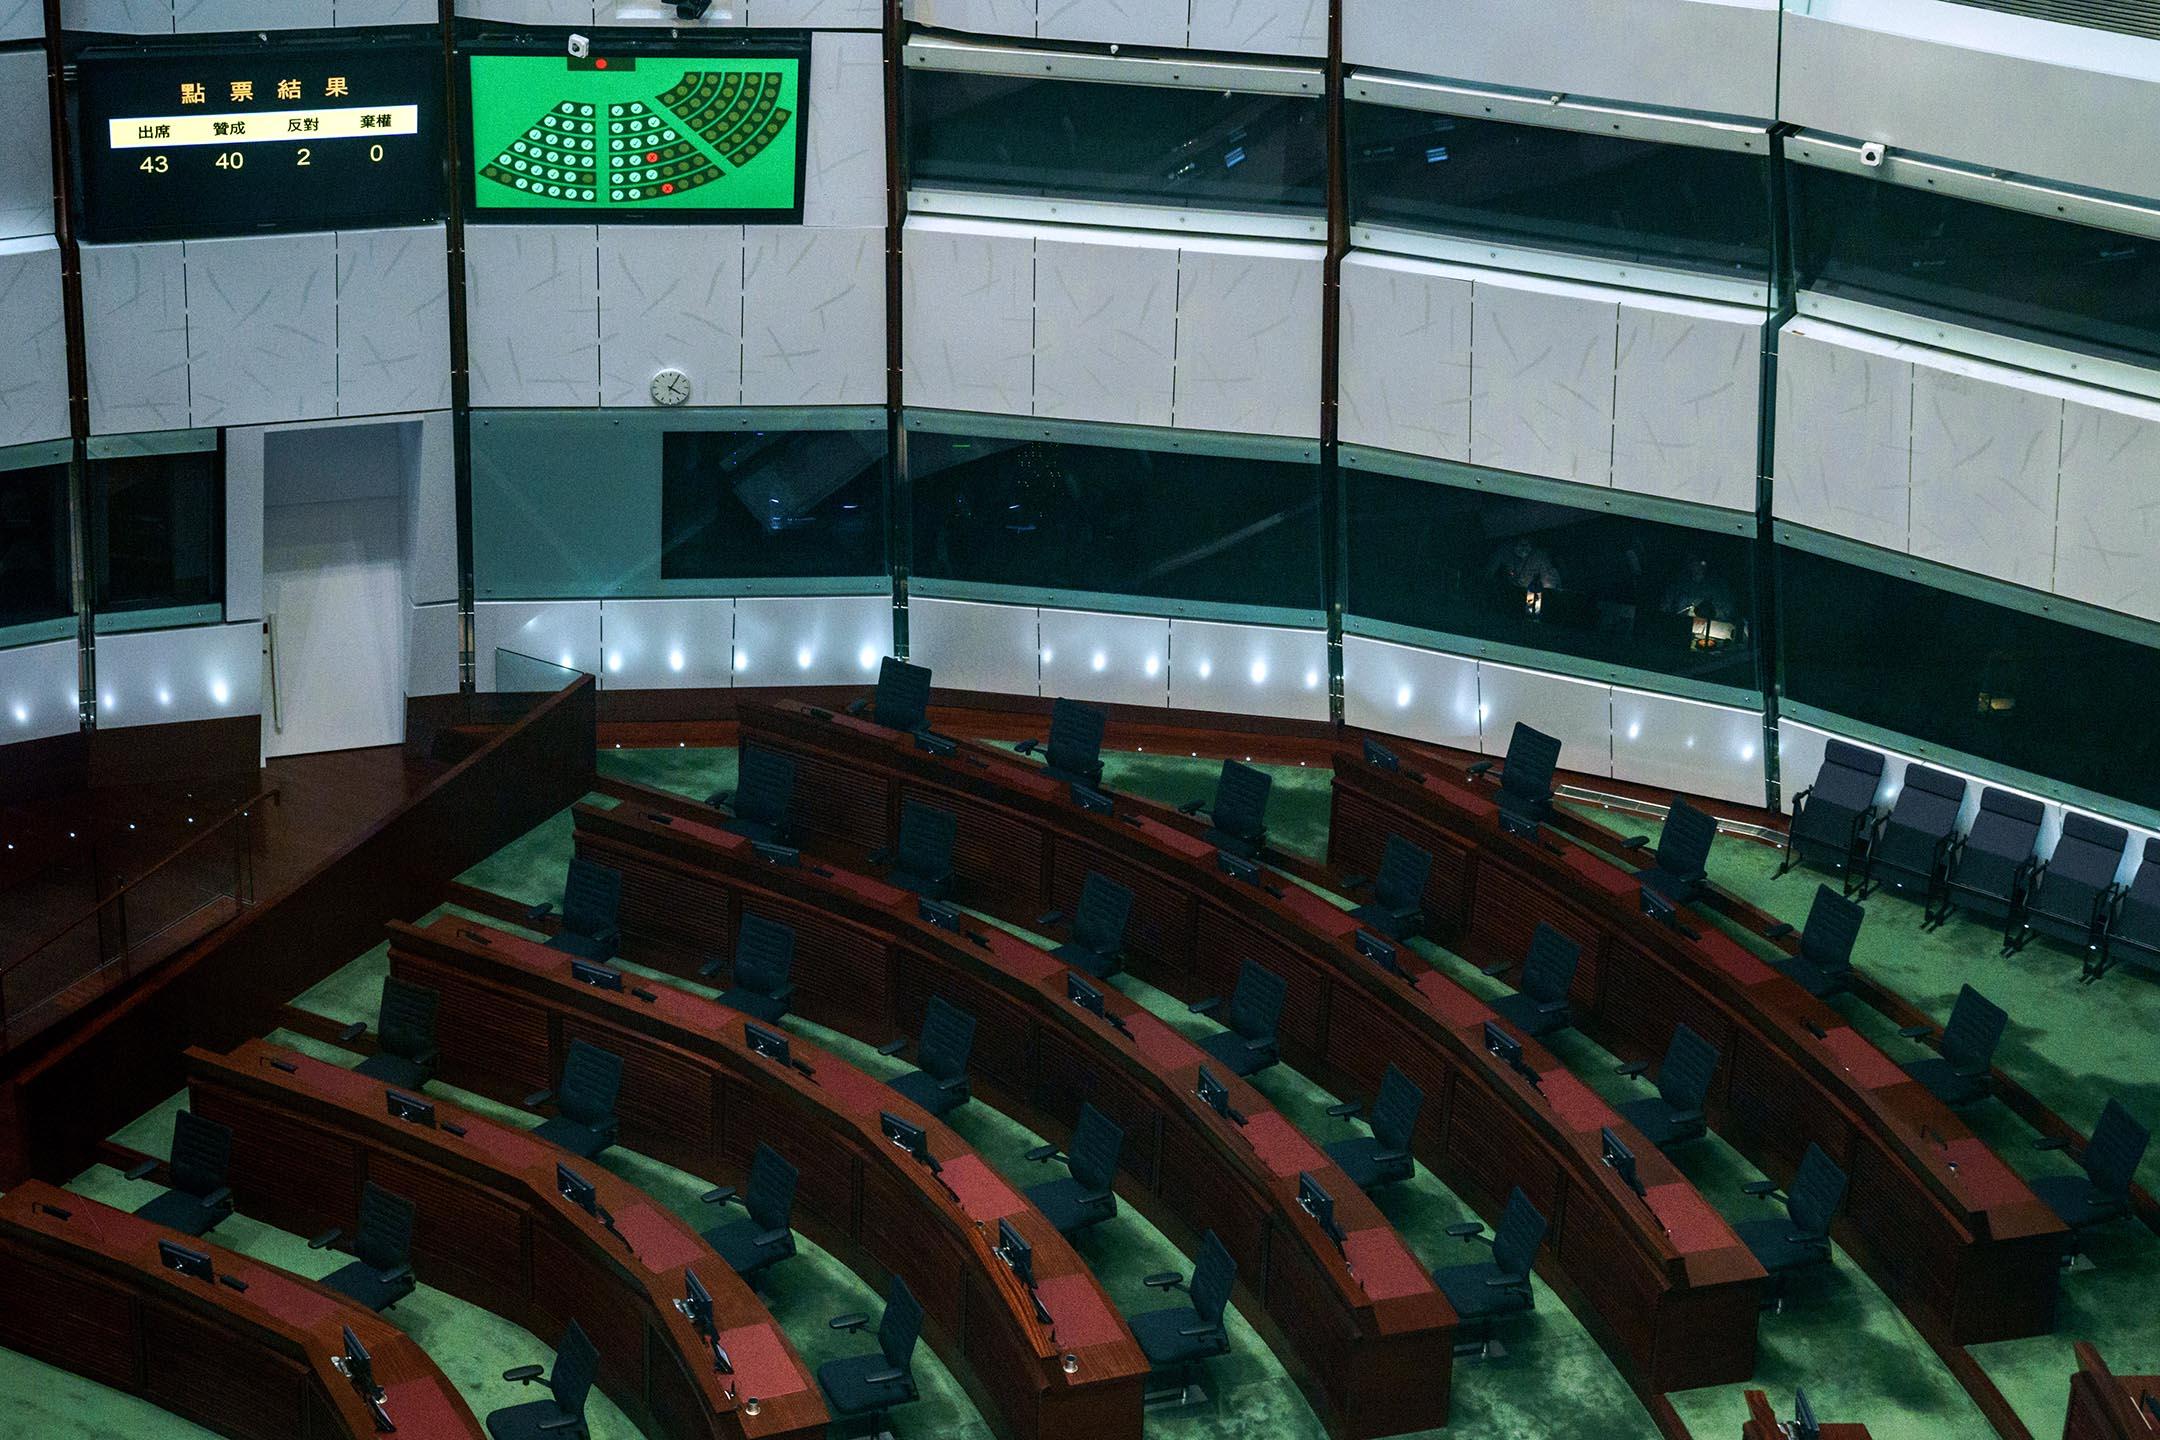 2021年5月27日香港立法會,民主派體辭職後,屏幕顯示修改香港選舉制度的動議的投票結果。